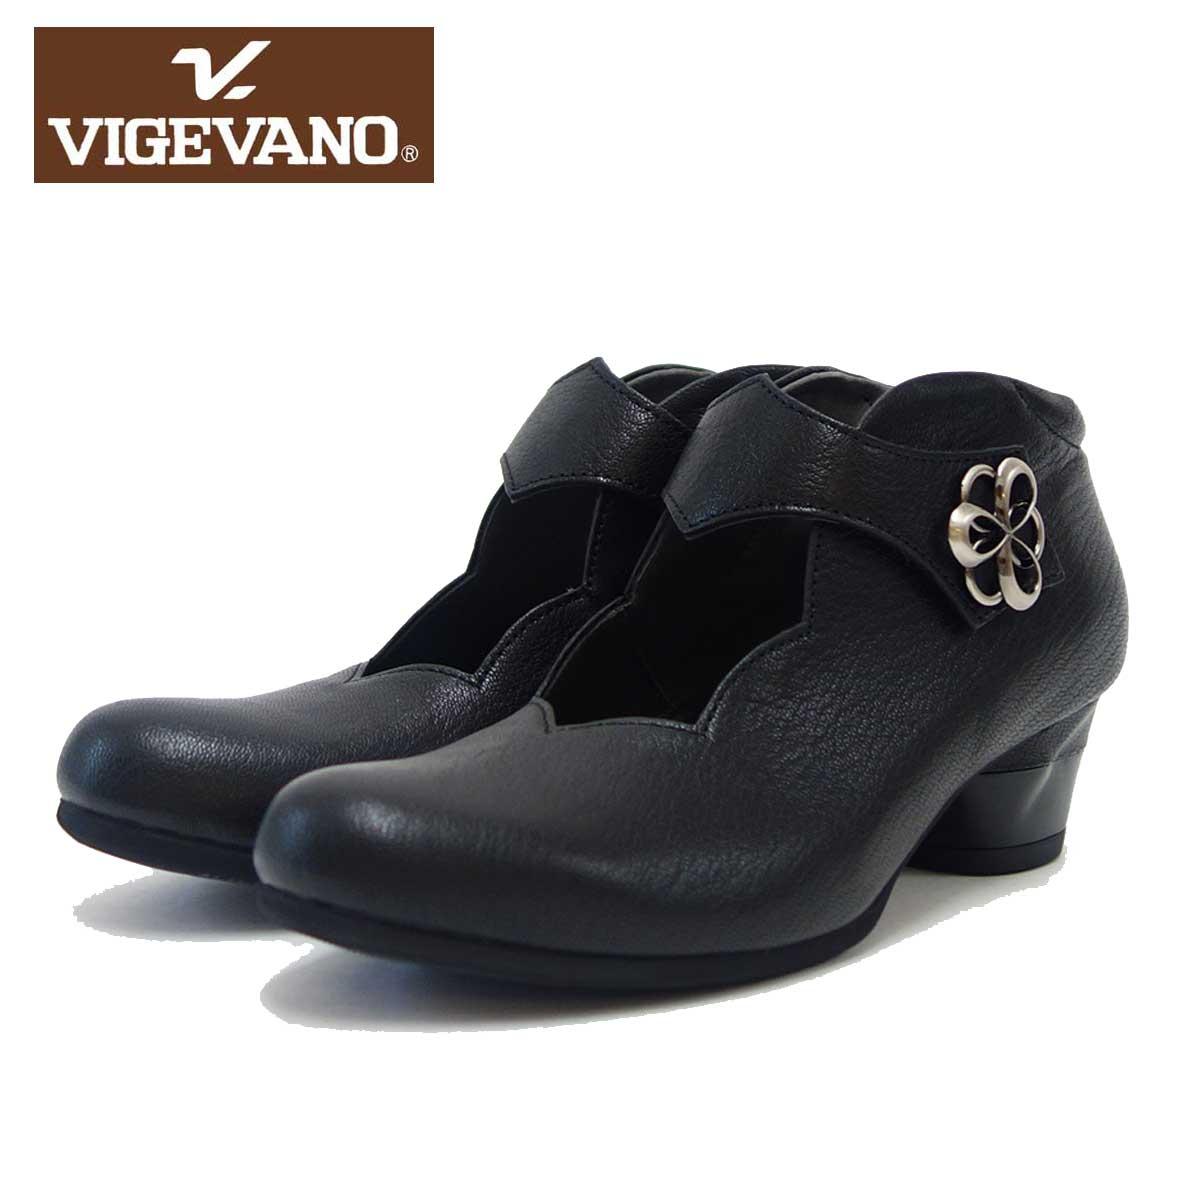 ビジェバノ VIGEVANO 7558 ブラック(日本製)ゆったりEEEE ストラップパンプス「靴」